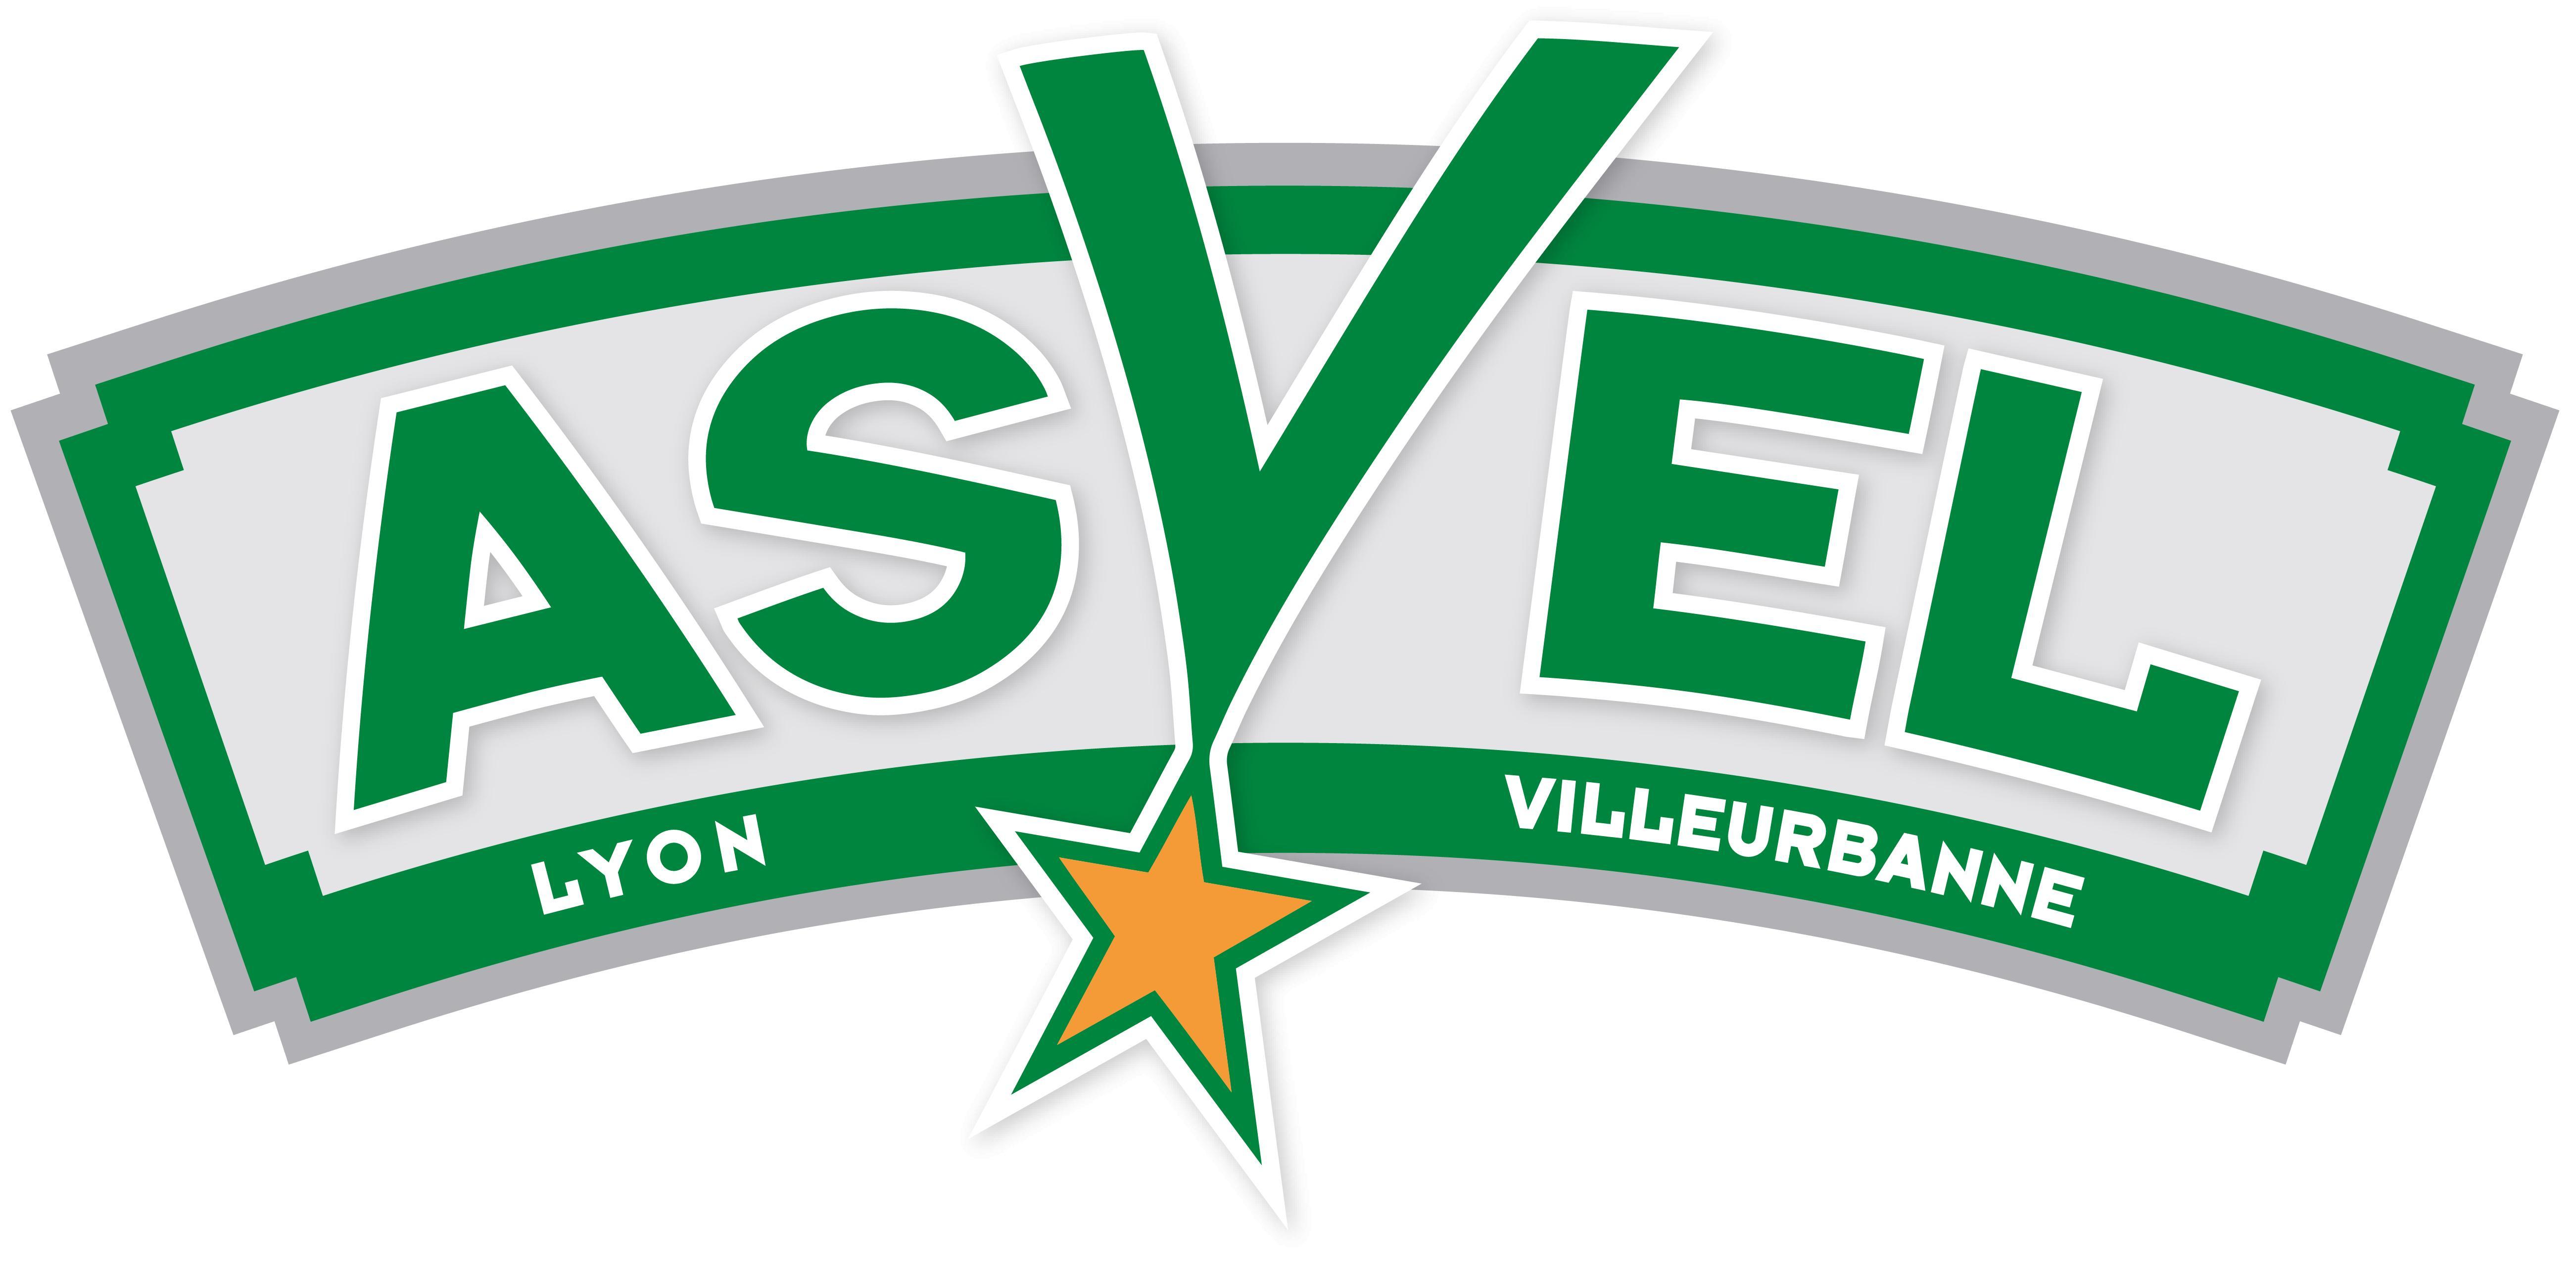 Places pour le match de Basket-ball Asvel vs Chalon sur Saône du Mardi 17 mai à 20h